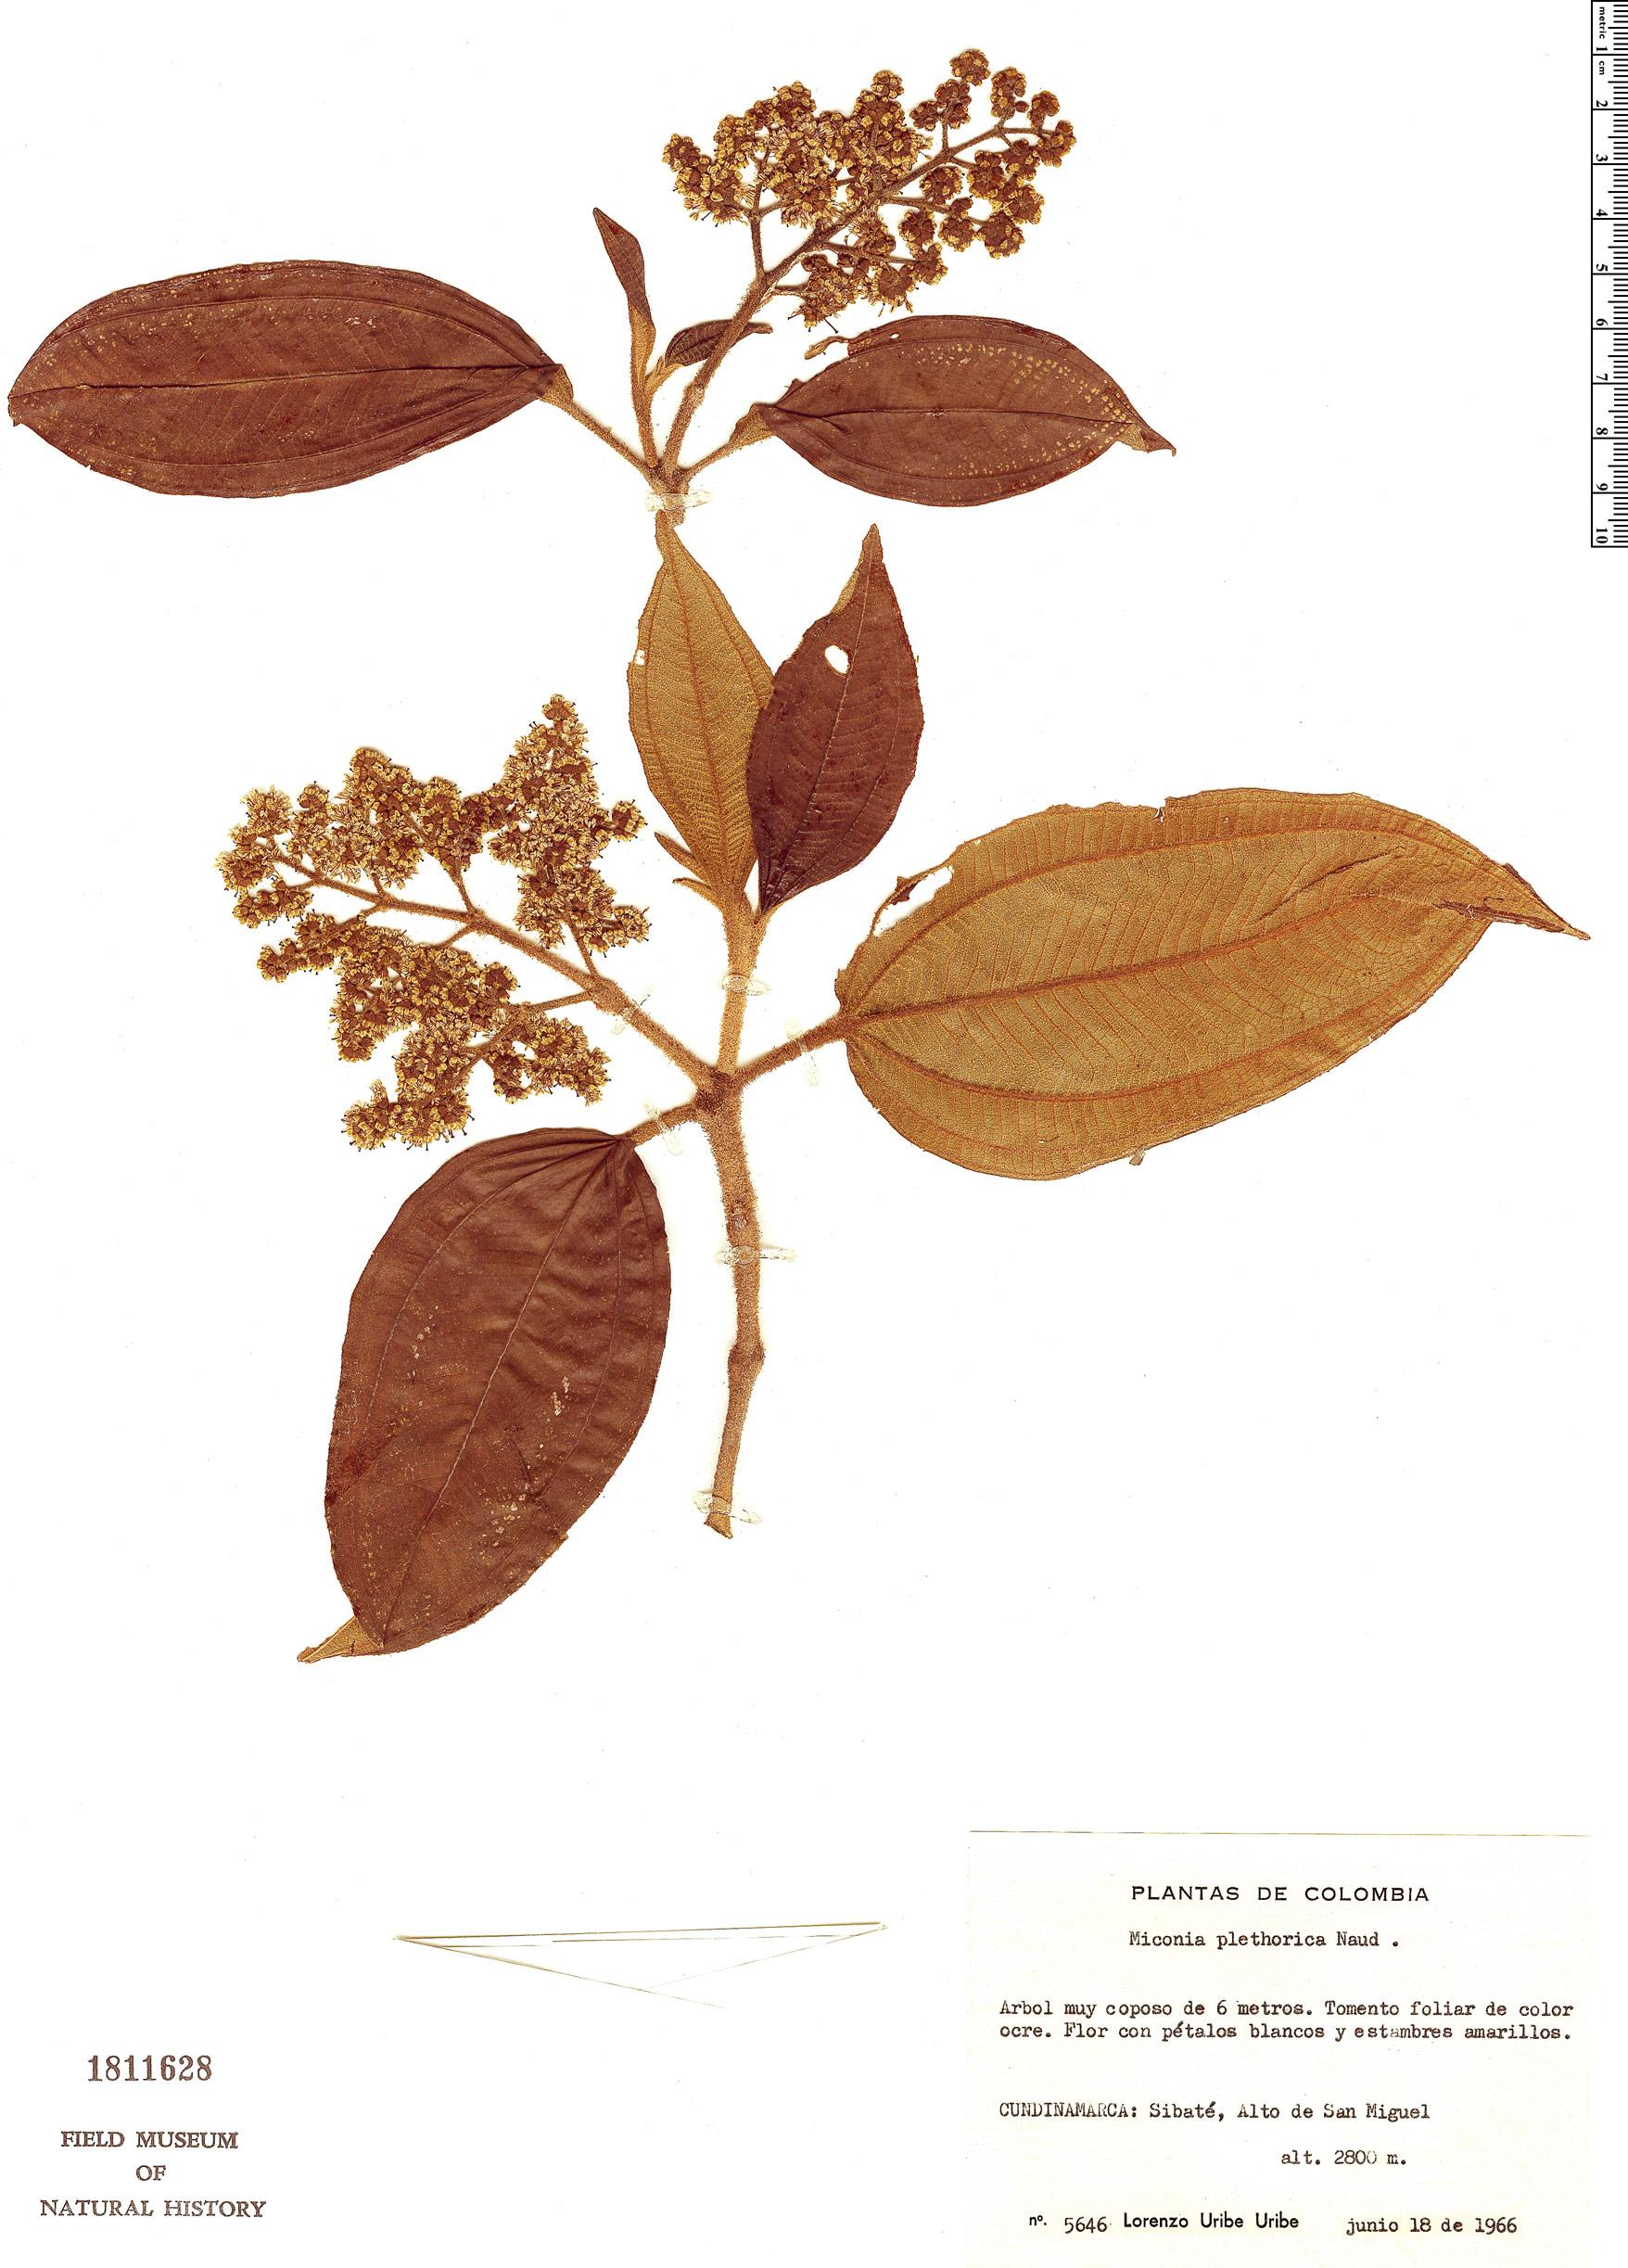 Specimen: Miconia plethorica